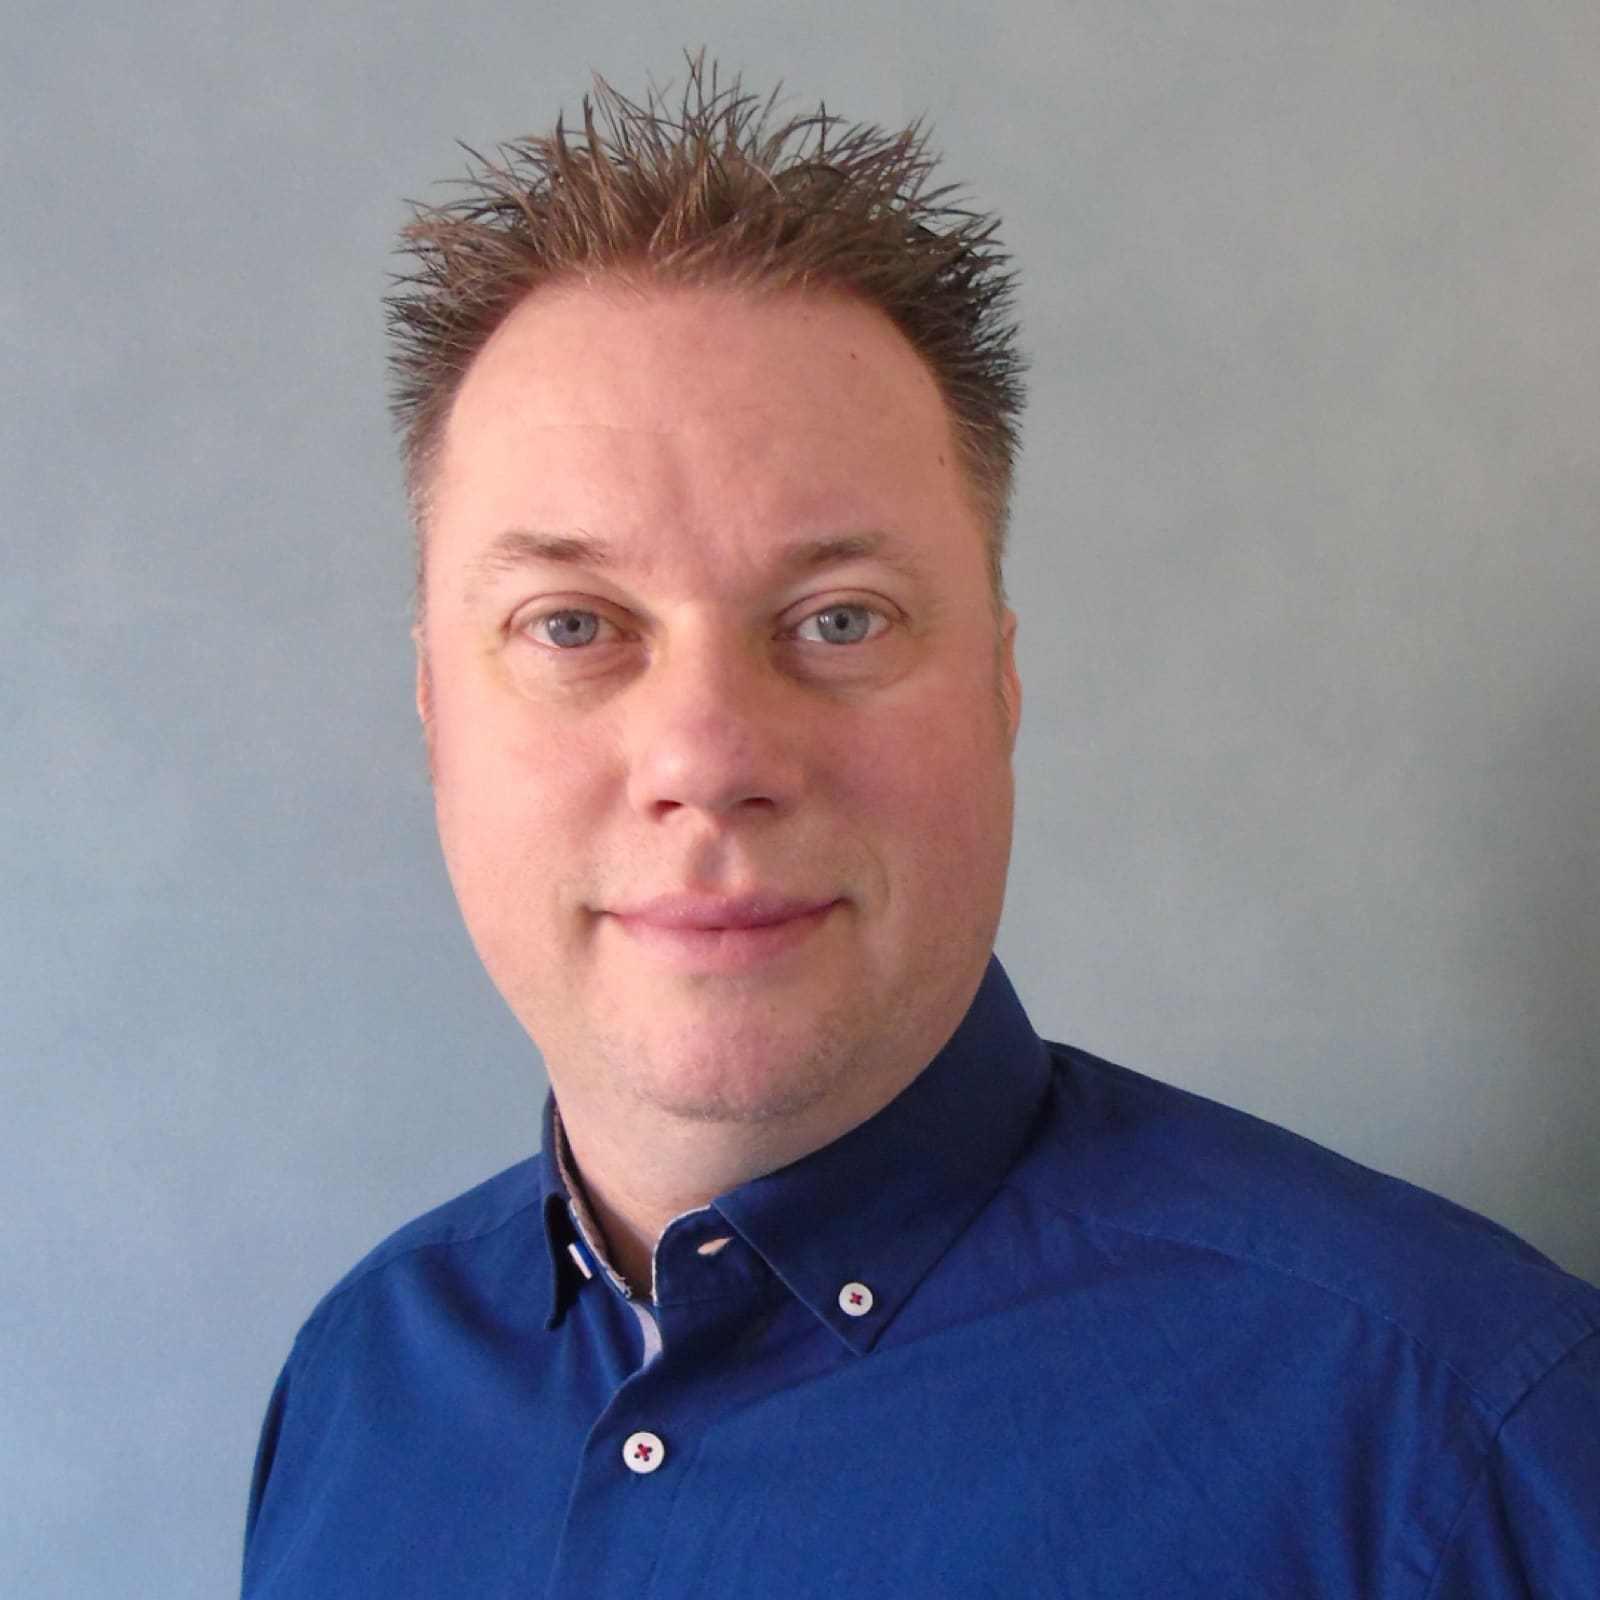 Dustin van den Horn - eigenaar in Purmerend